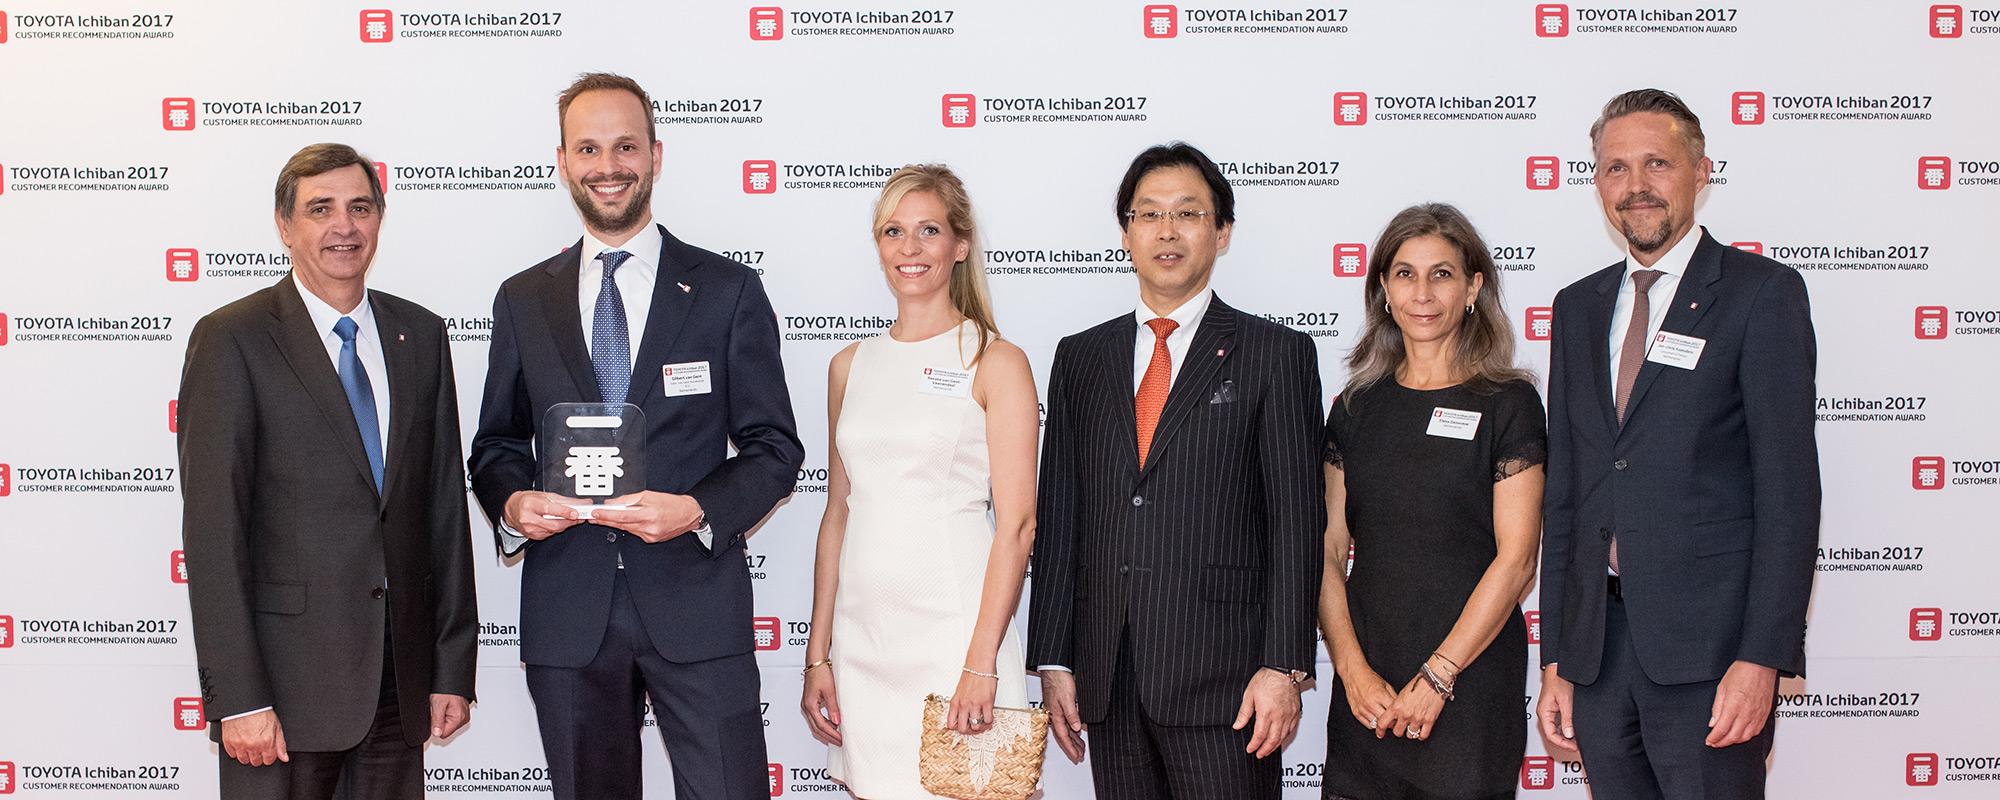 Toyota dealer Gebr. van Gent wint voor negende keer op rij prestigieuze Europese award voor klantervaring